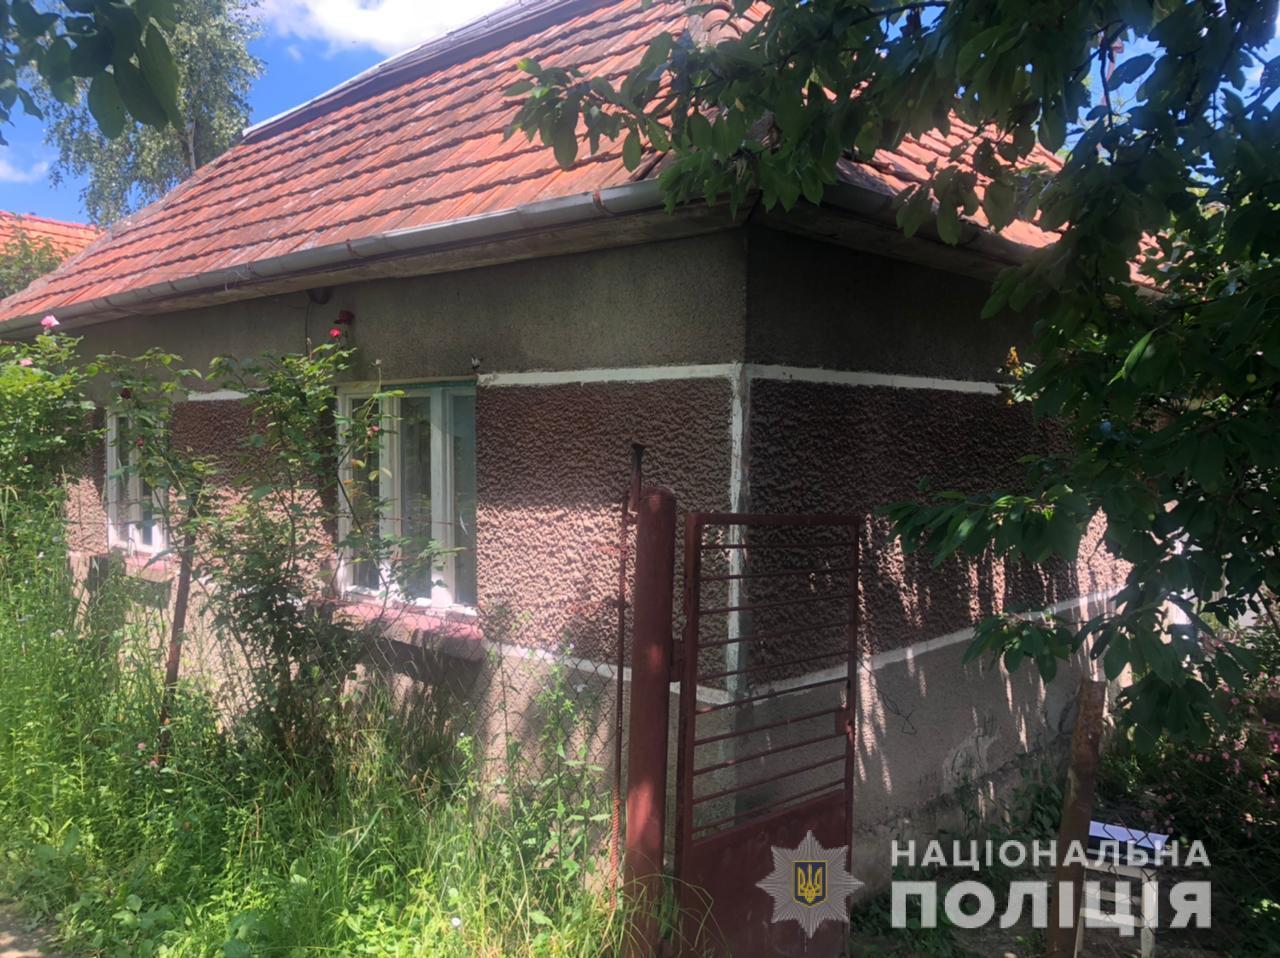 Вчора, 16 червня, до поліції Берегівського районного відділу надійшло повідомленням про крадіжку особистого майна з приватного будинку по вулиці Дерекогес.